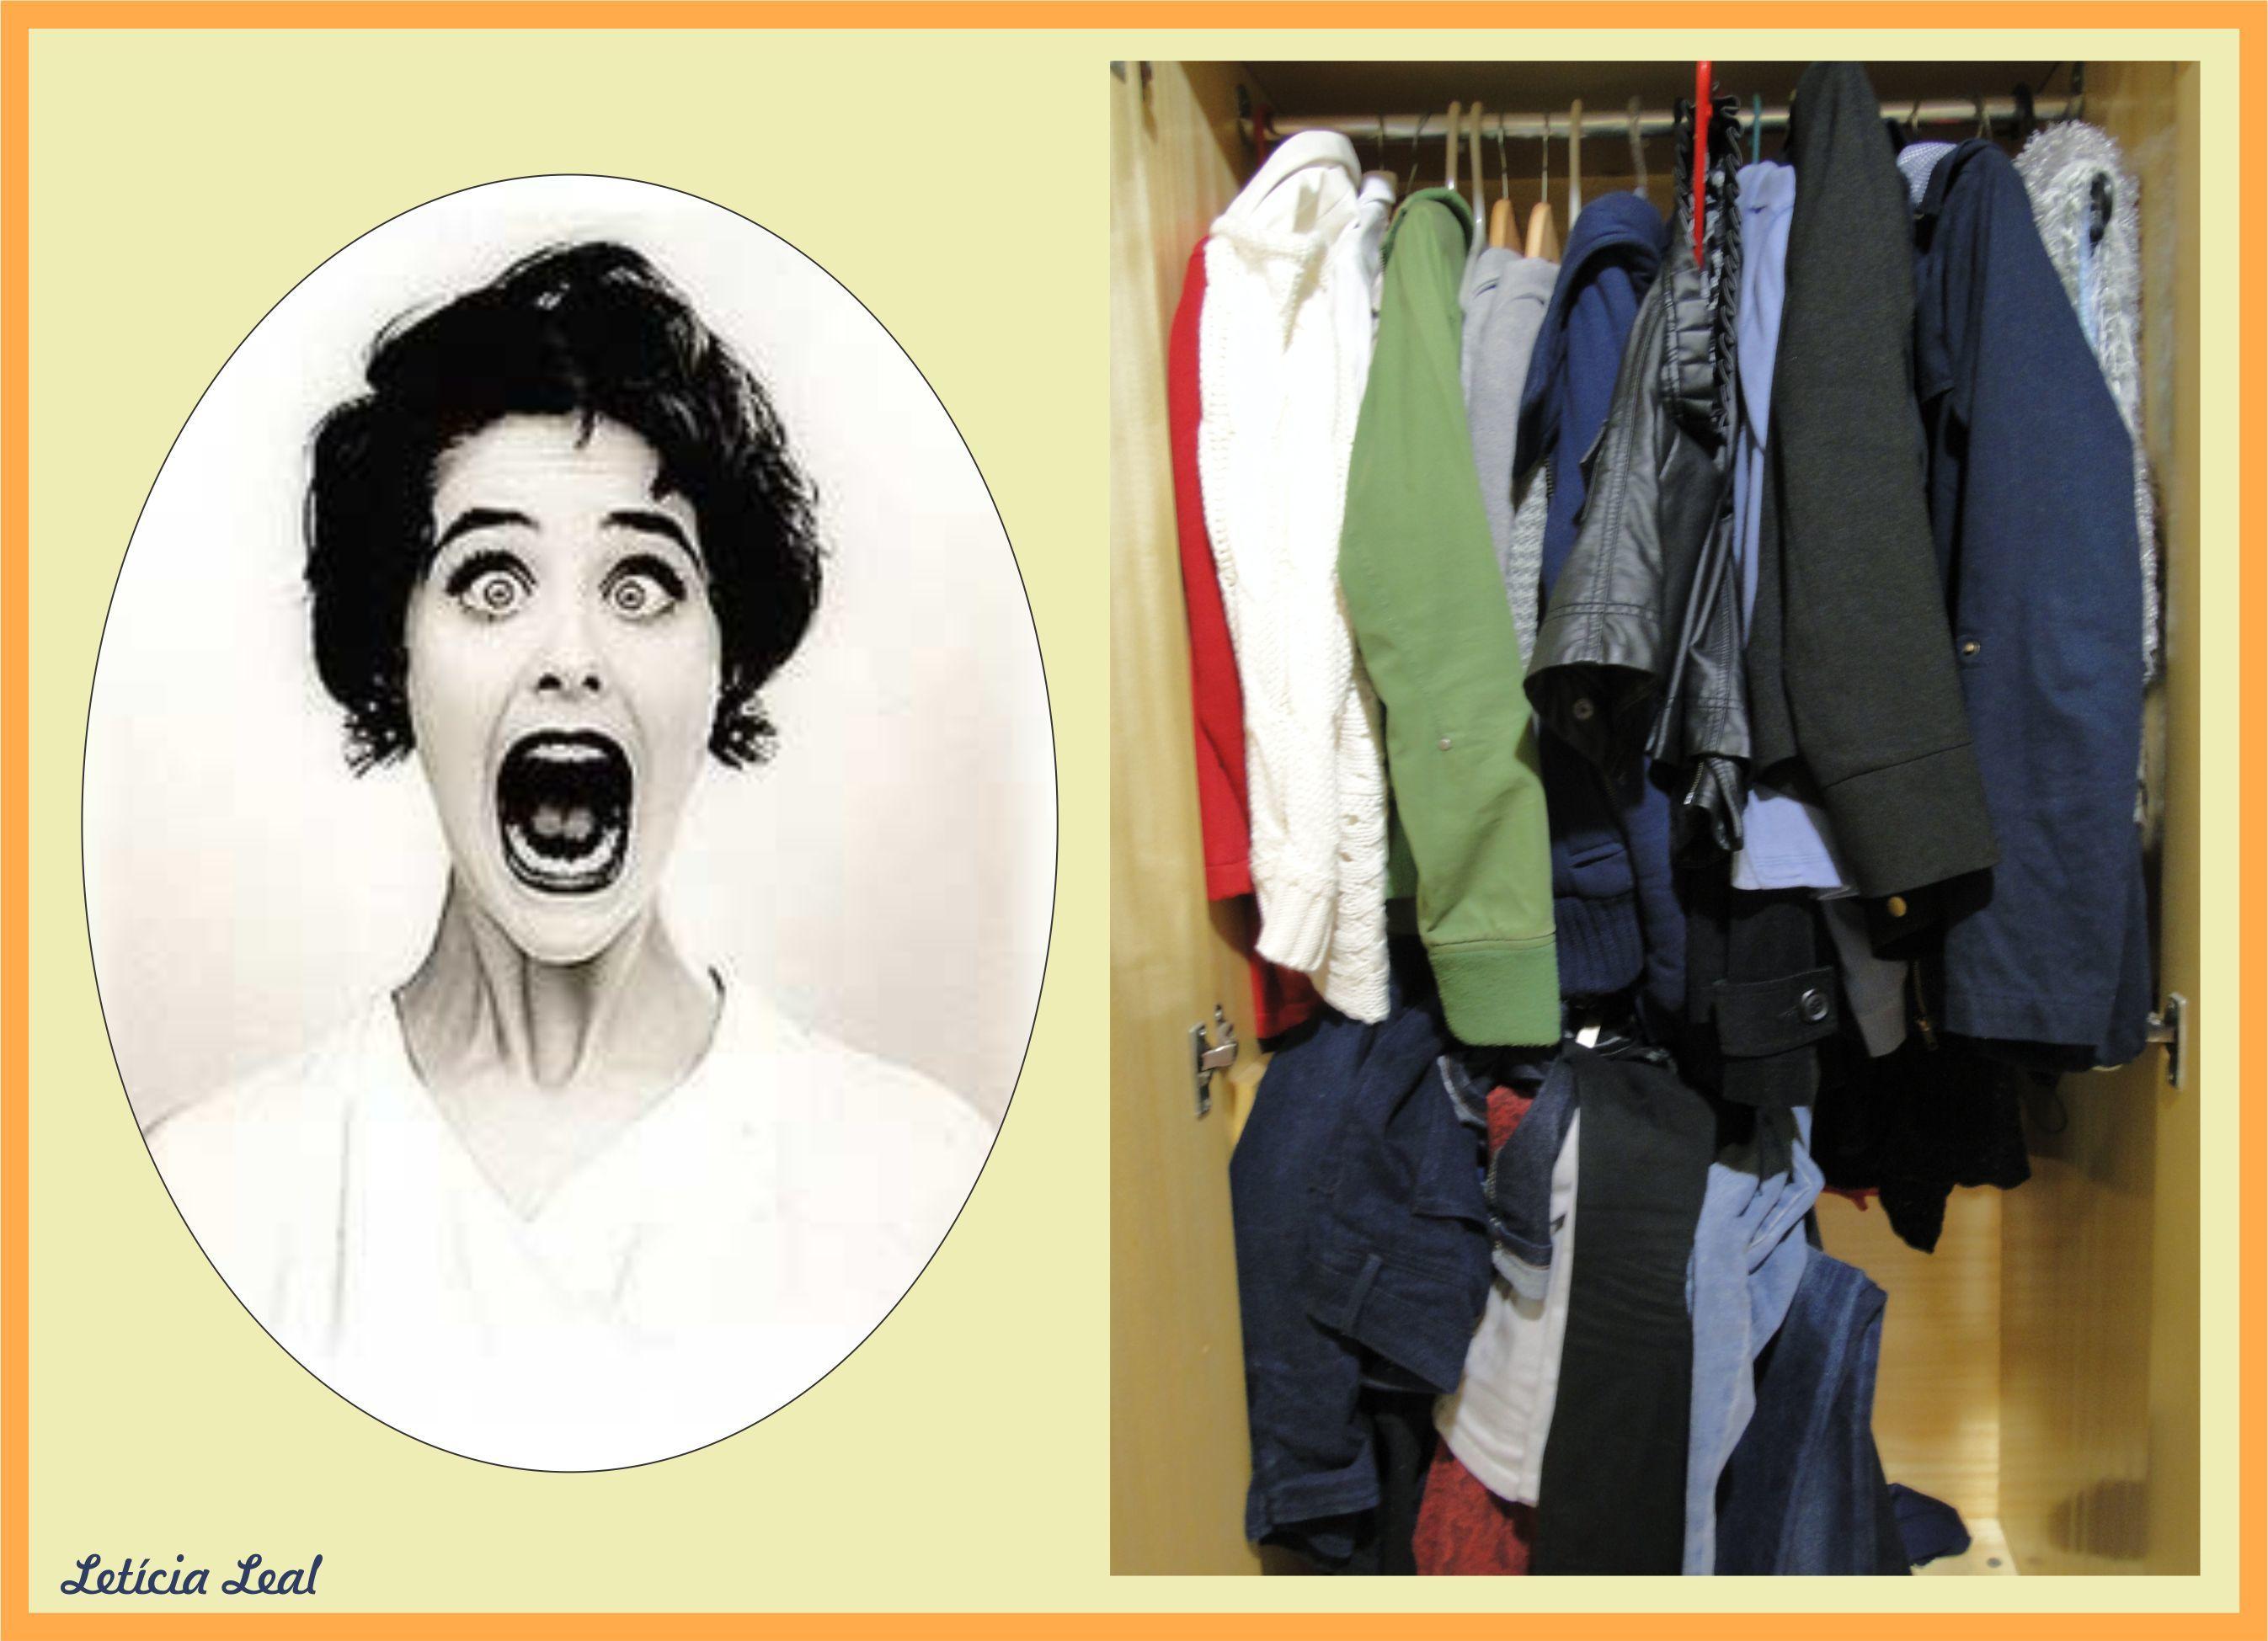 como_organizar_seus_casacos_sos_solteiro